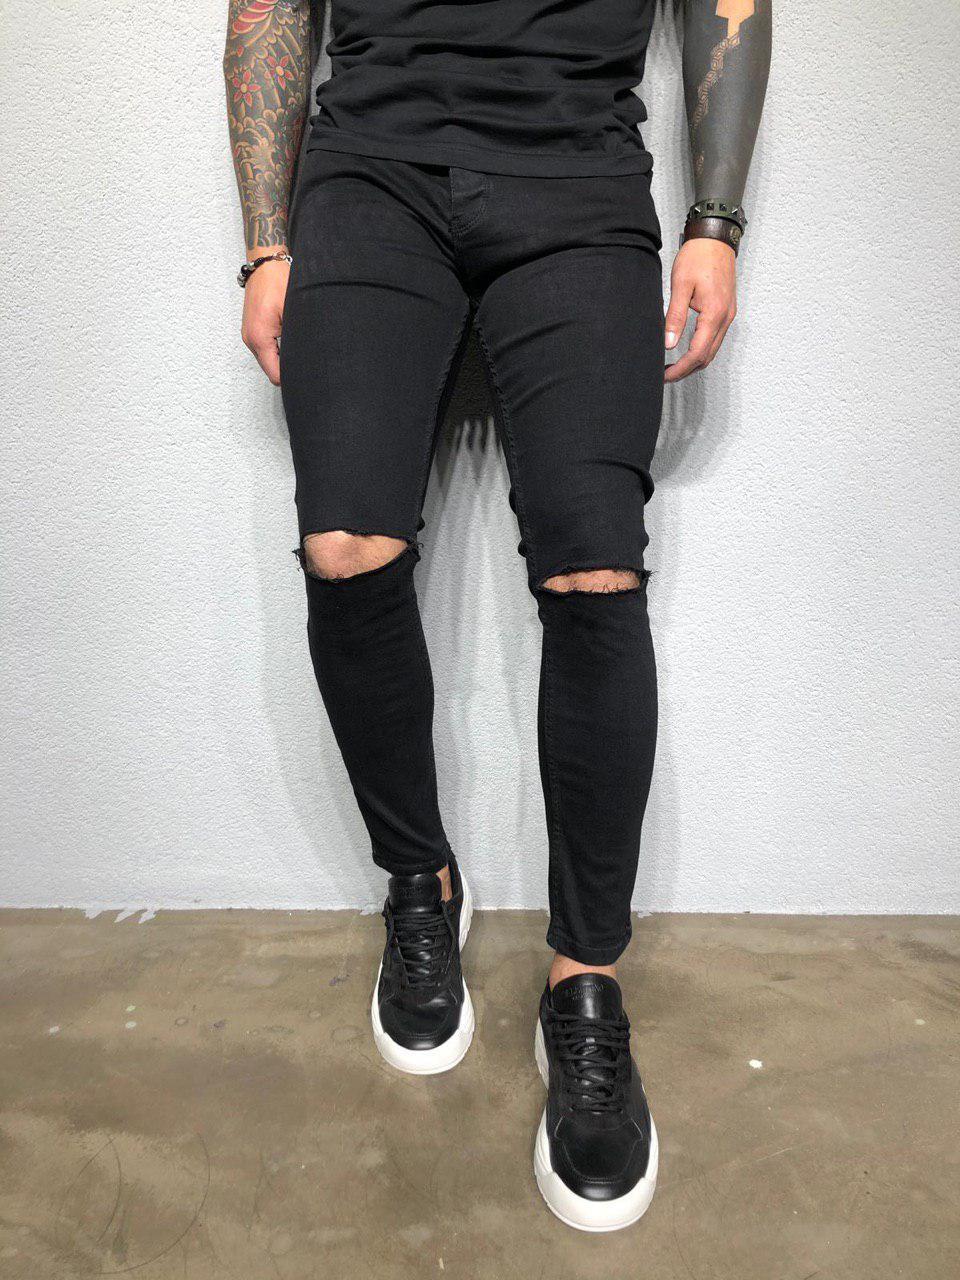 20cd747c667 Джинсы мужские черные рваные очень крутые весна лето осень ТОП КАЧЕСТВО зауженные  мужские джинсы